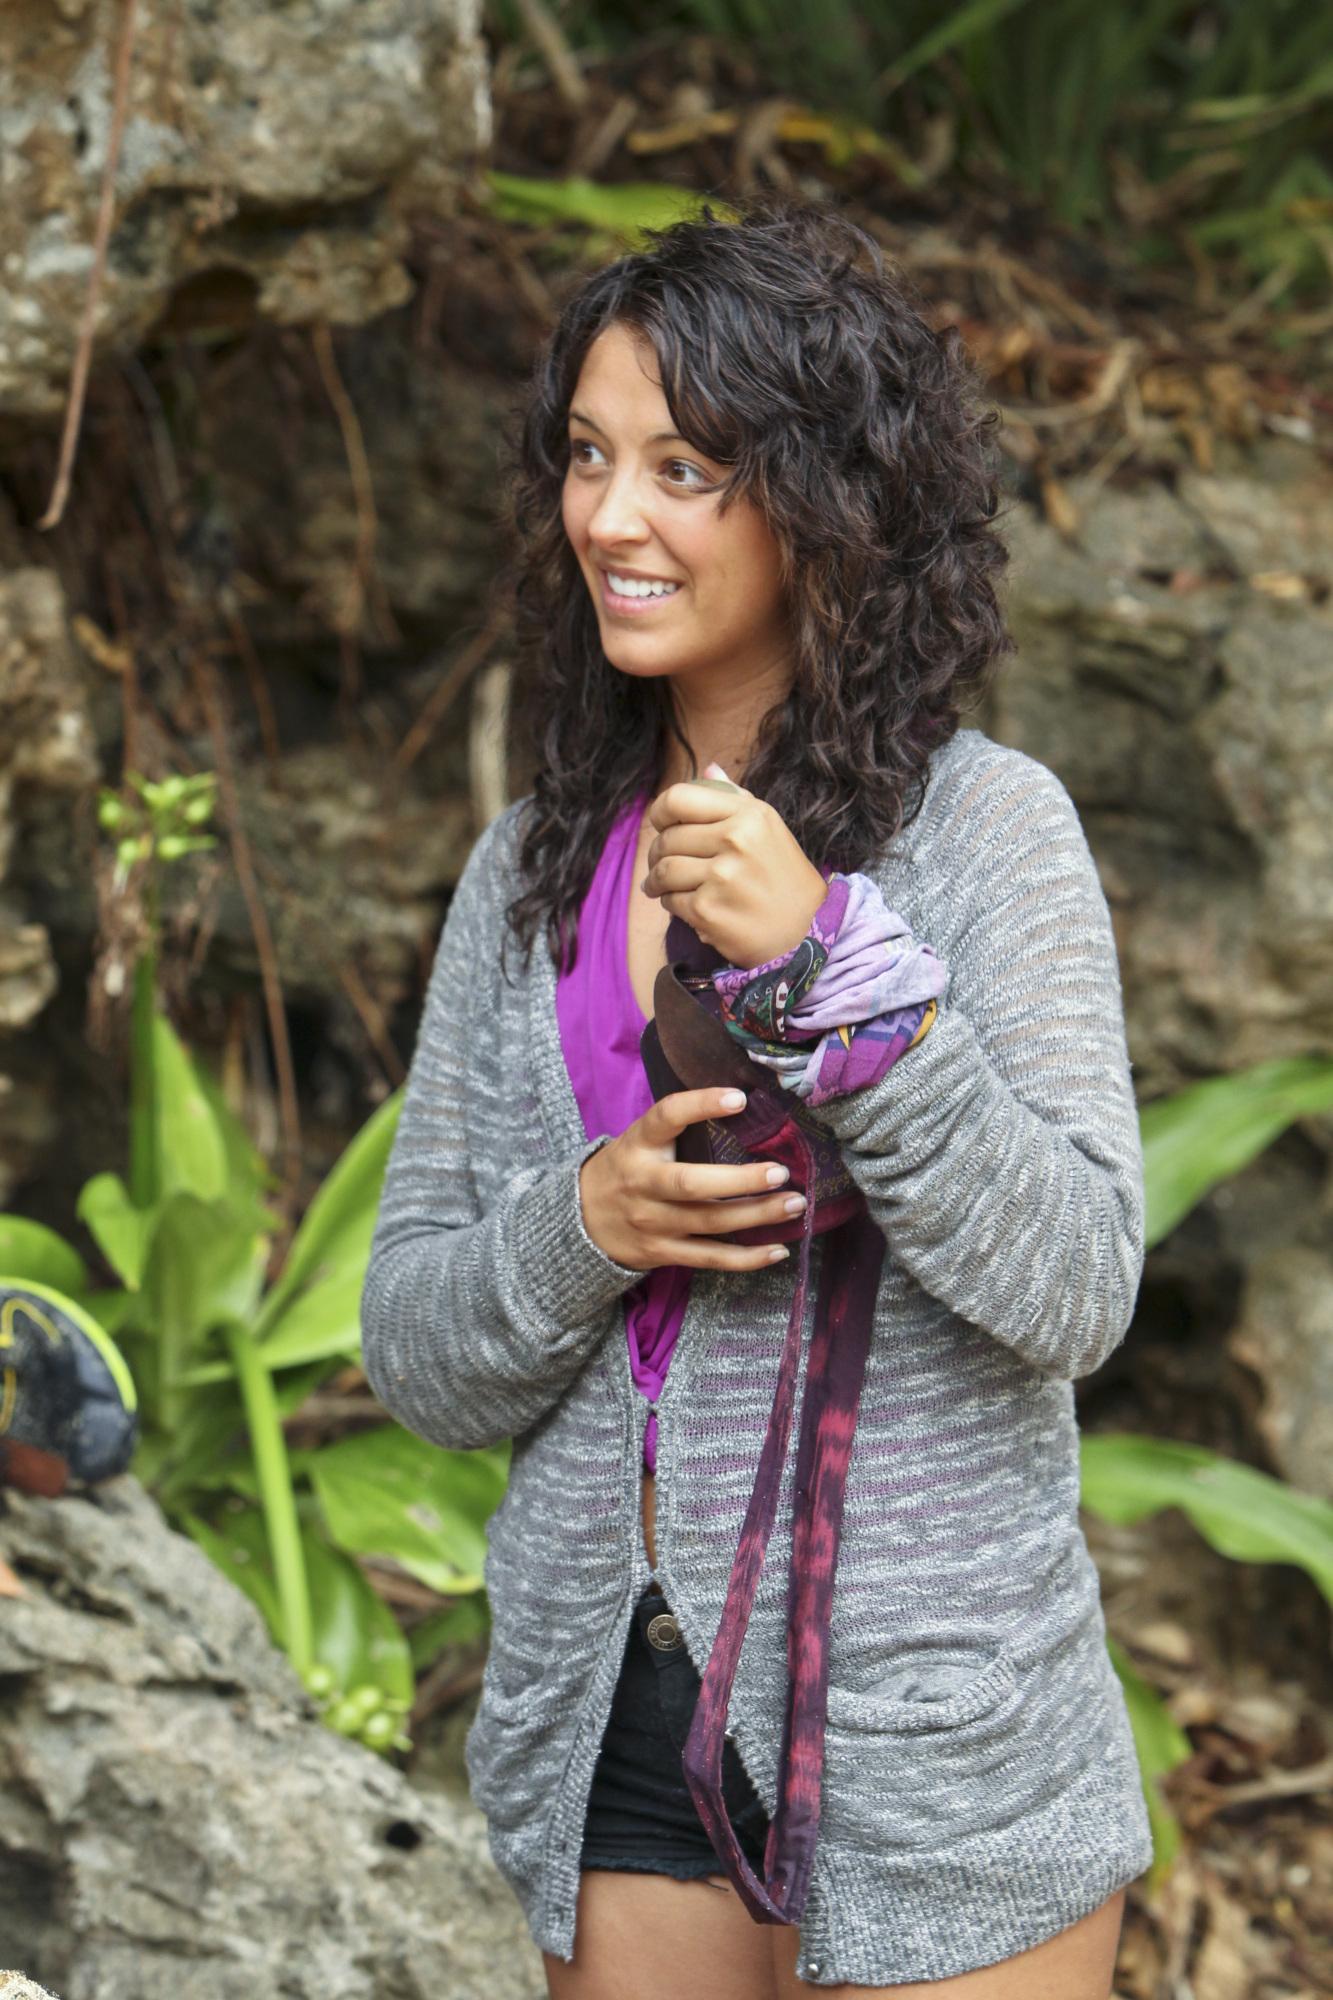 Alexis on the Season 28 premiere